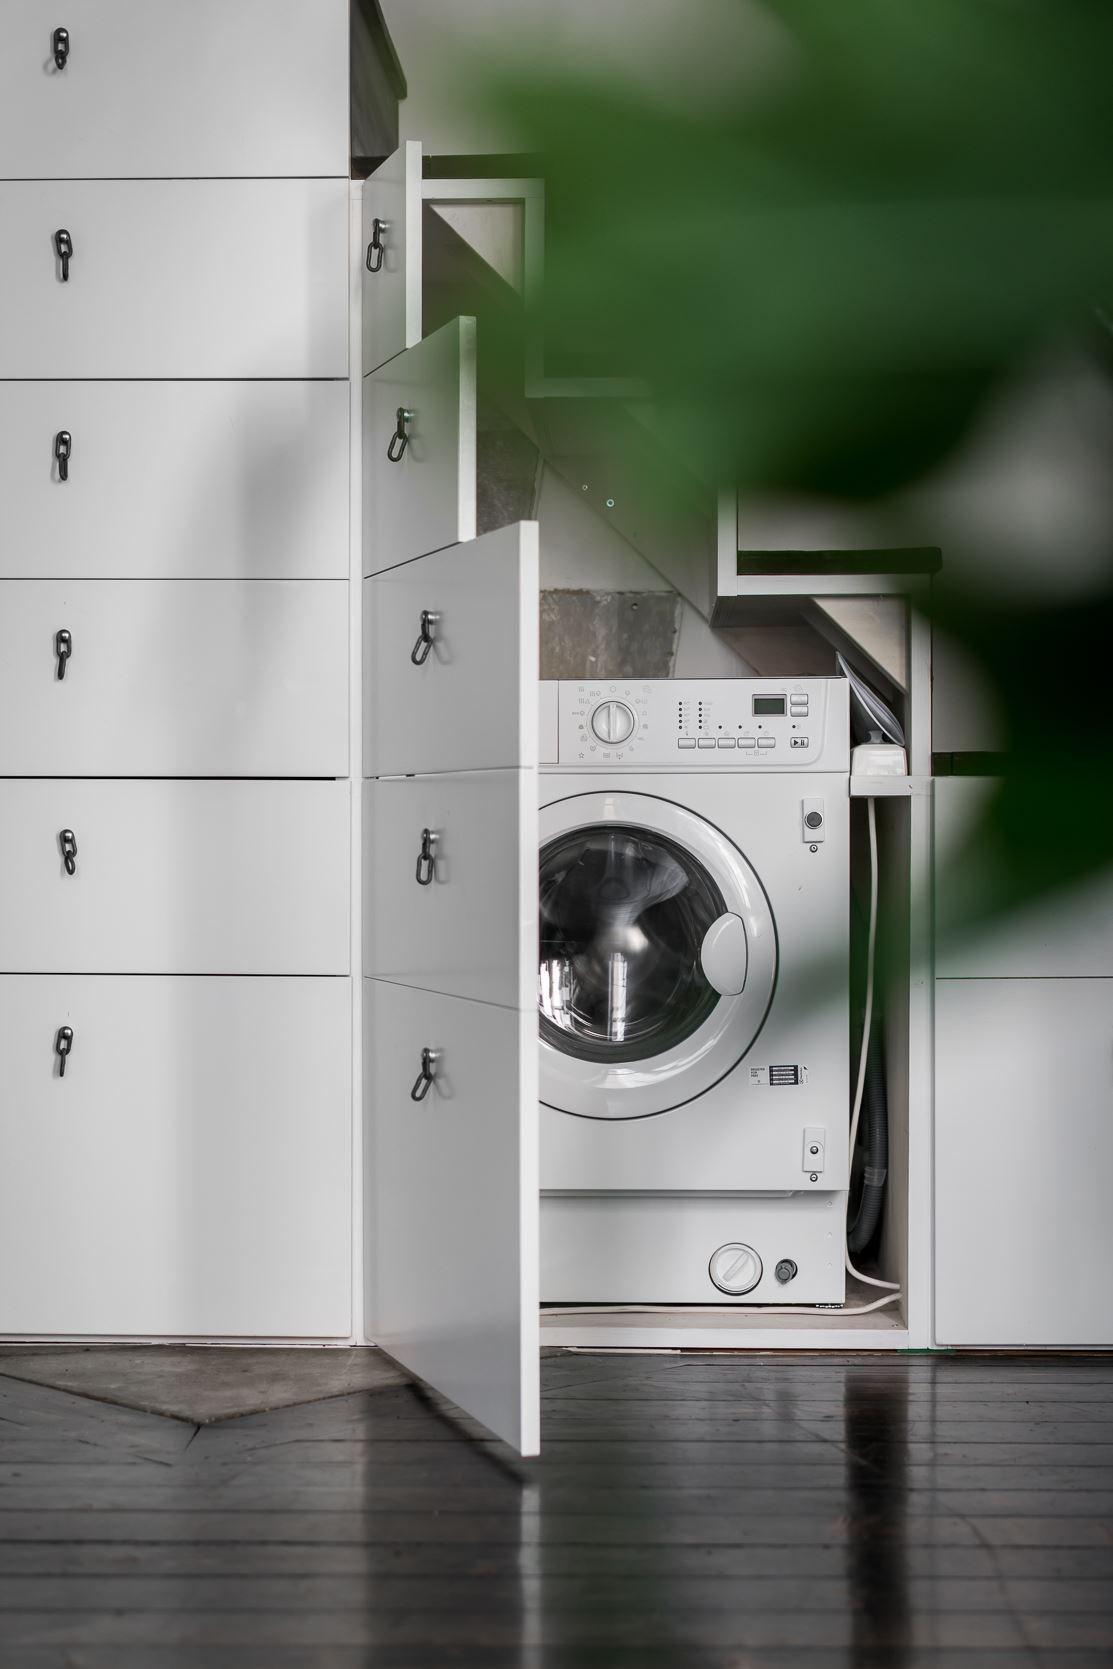 лестница ящики стиральная машина